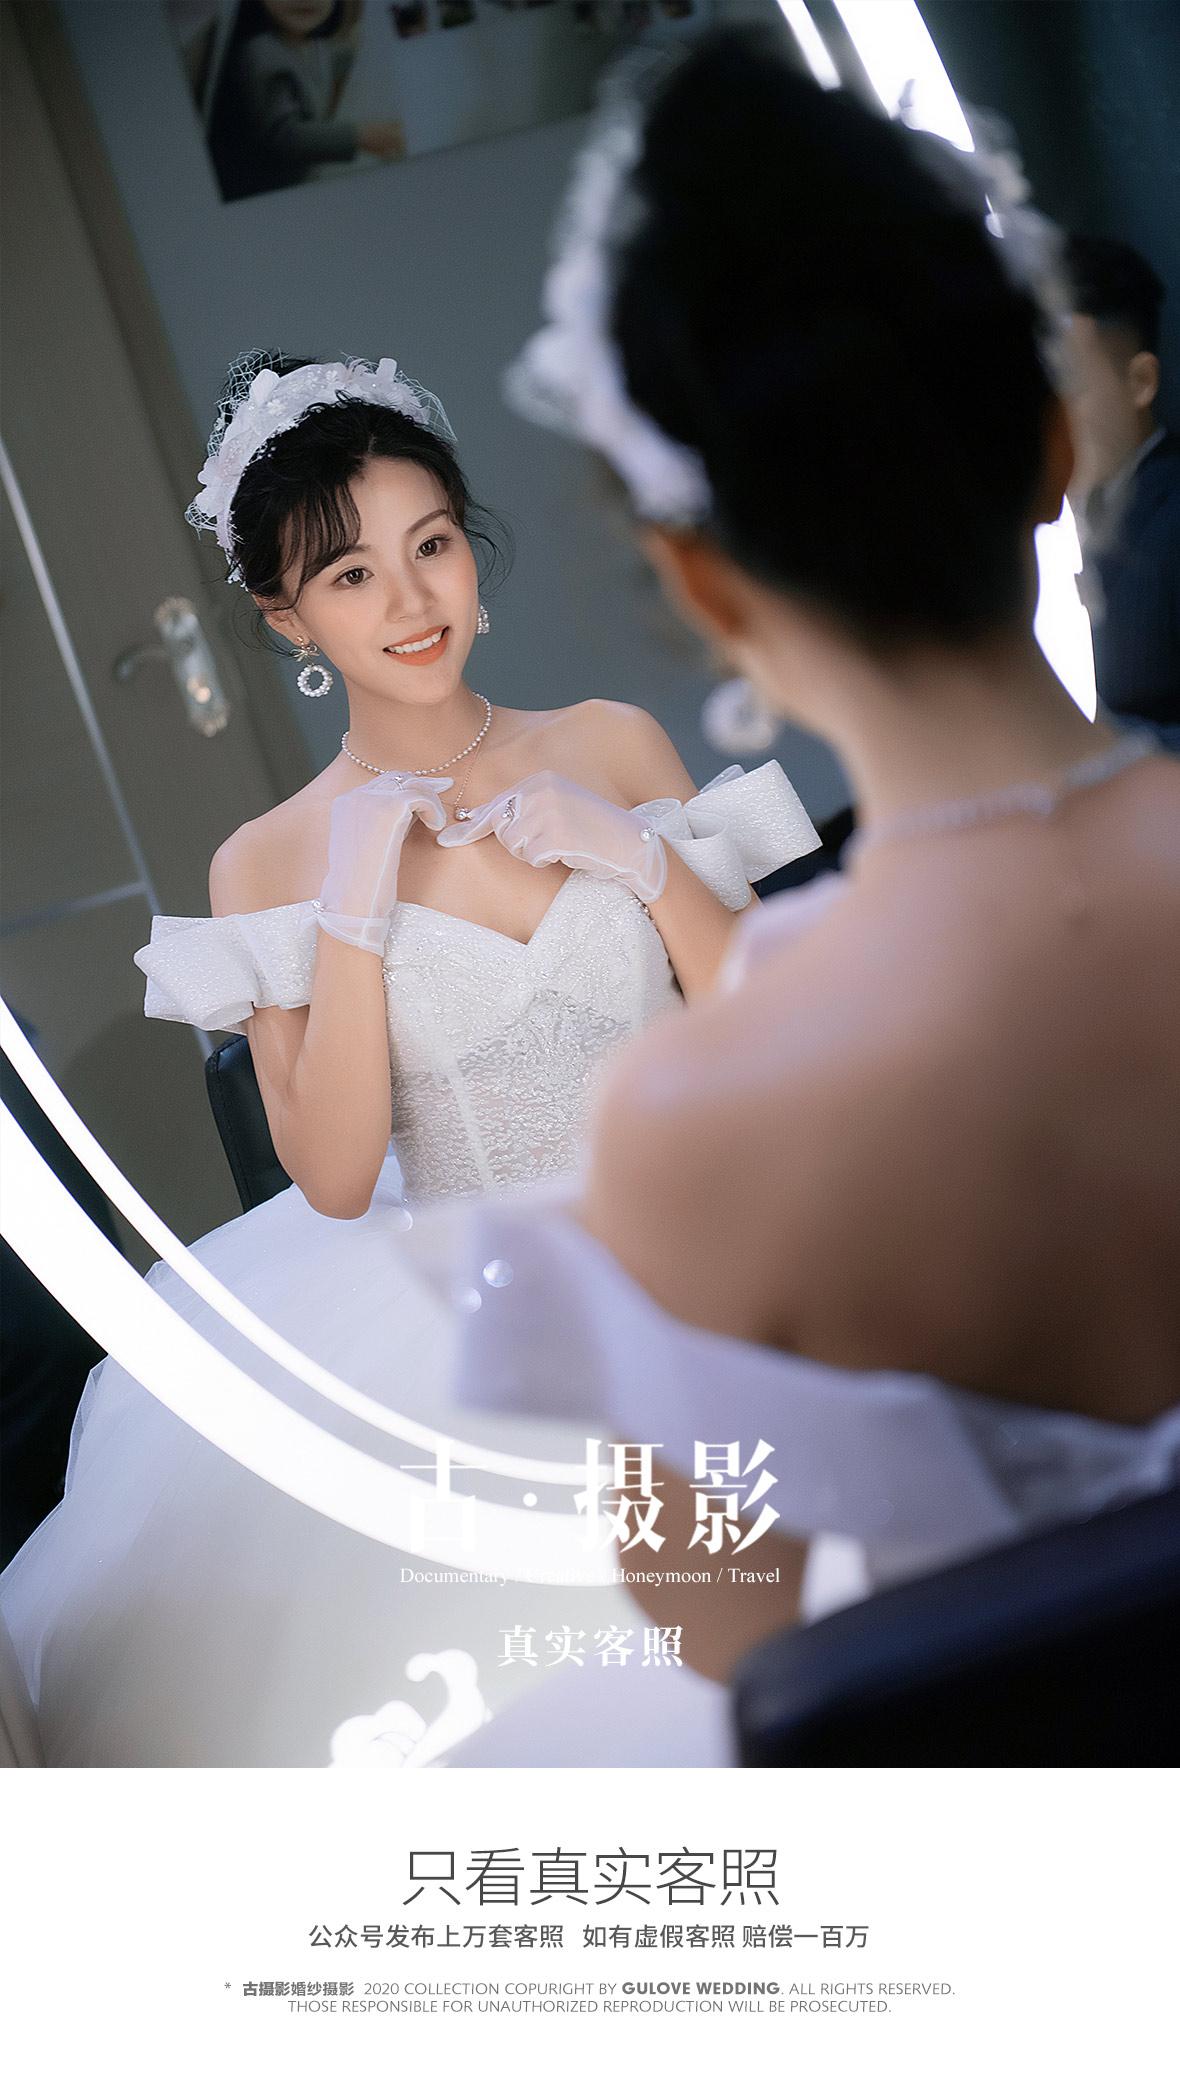 10月客照第一季 - 月度客照 - 古摄影婚纱艺术-古摄影成都婚纱摄影艺术摄影网